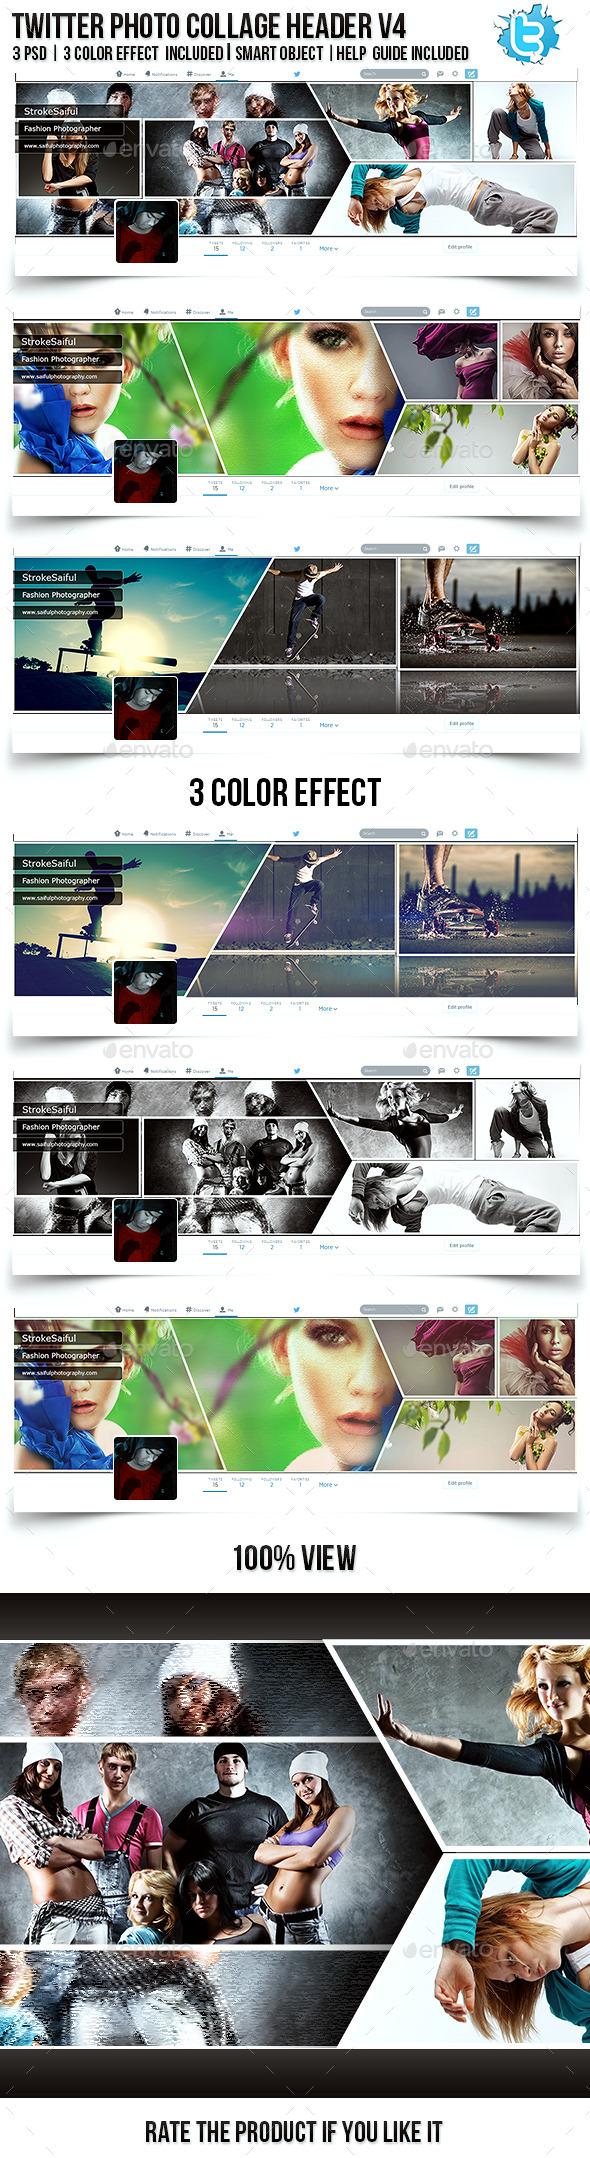 Twitter Photo Collage Header V4 - Twitter Social Media